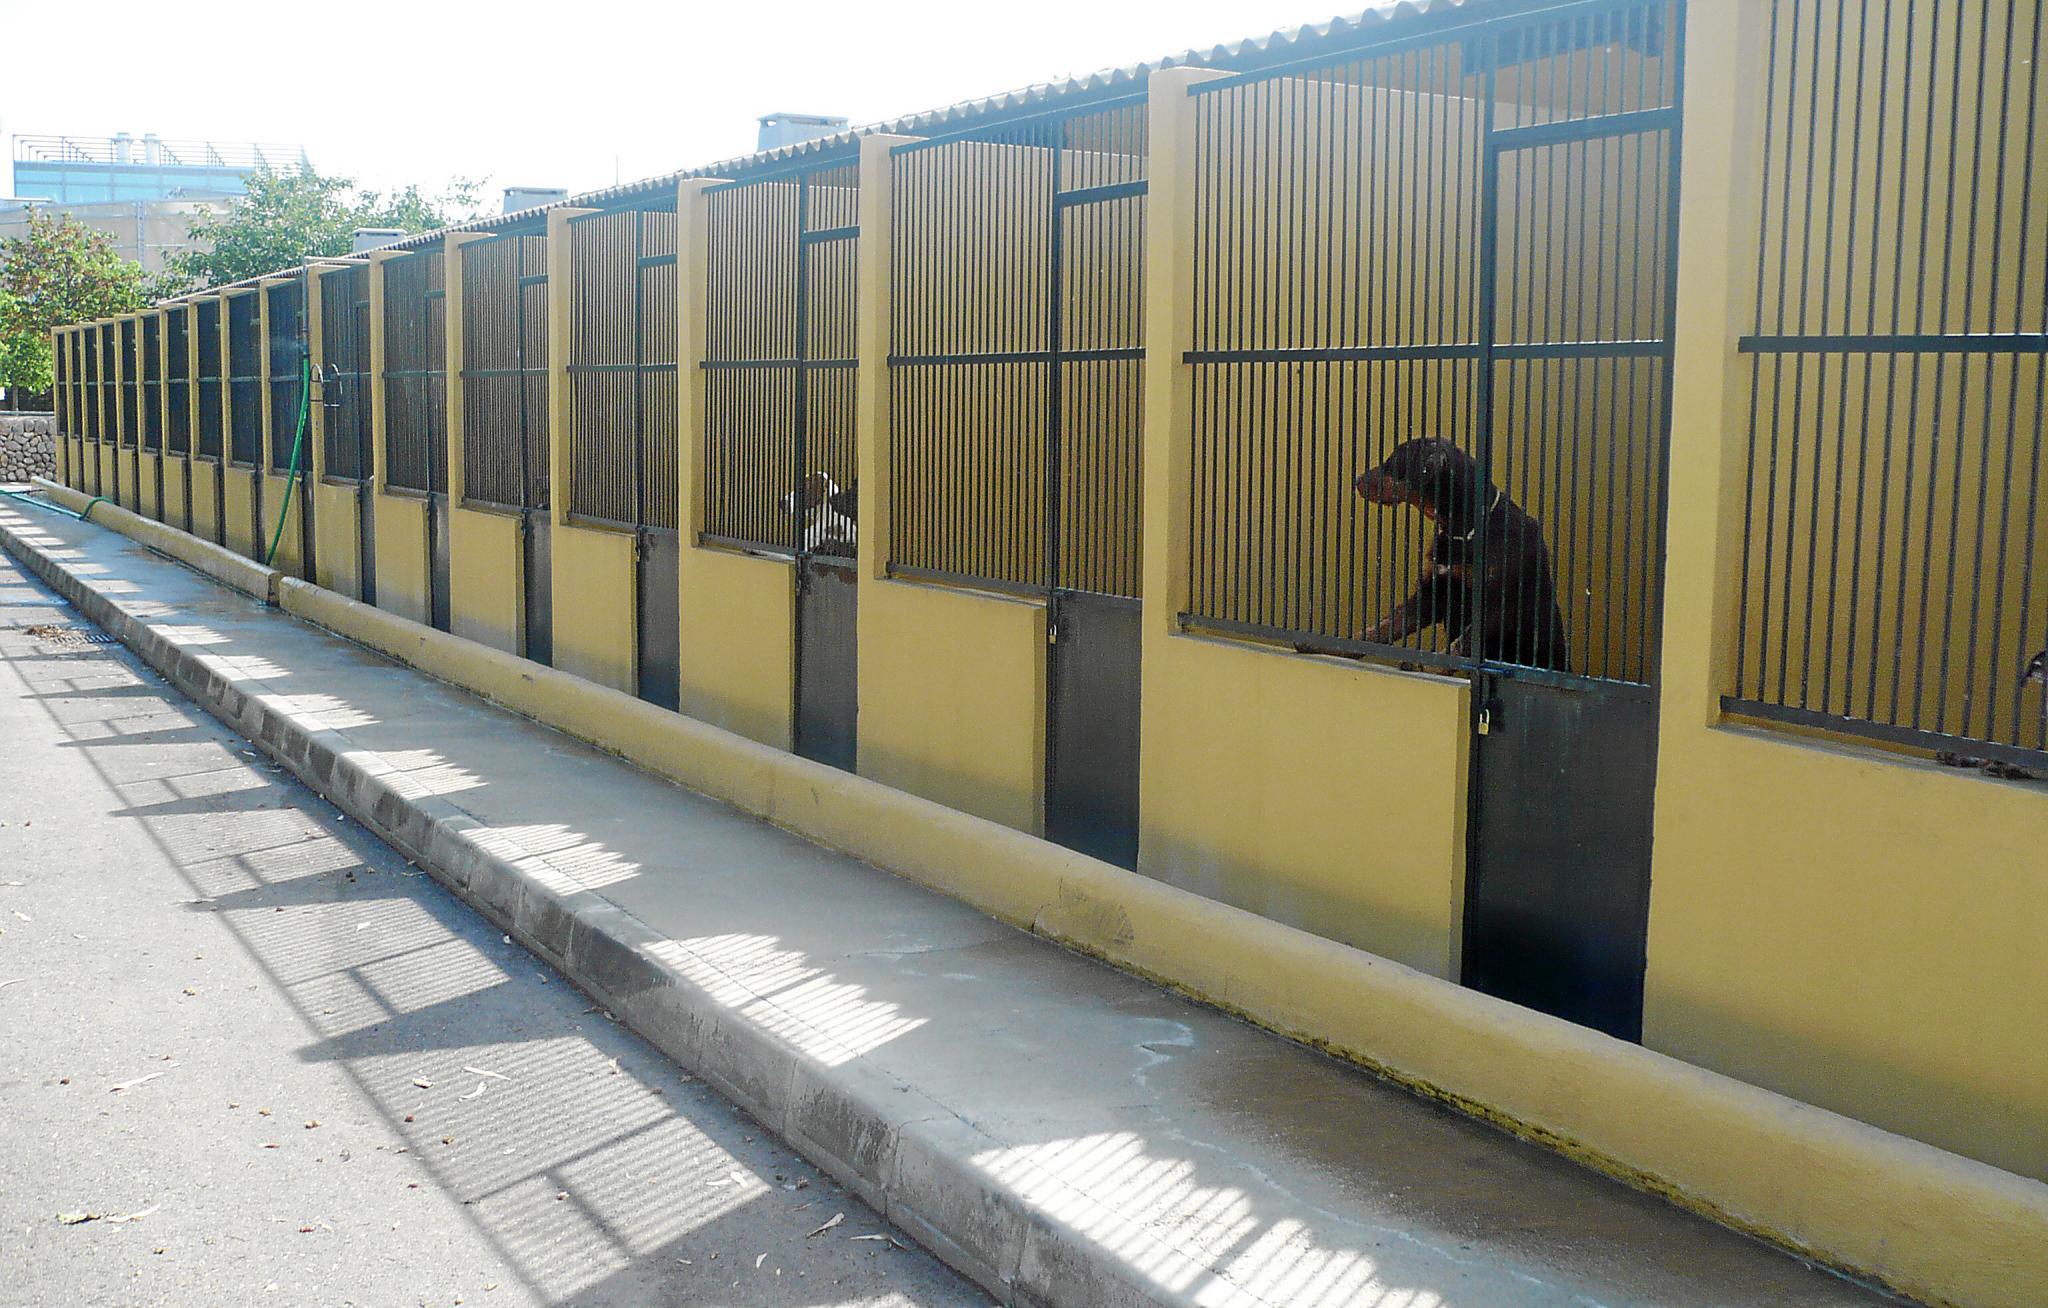 Son Reus acoge en lo que llevamos de año más de 3.700 animales abandonados